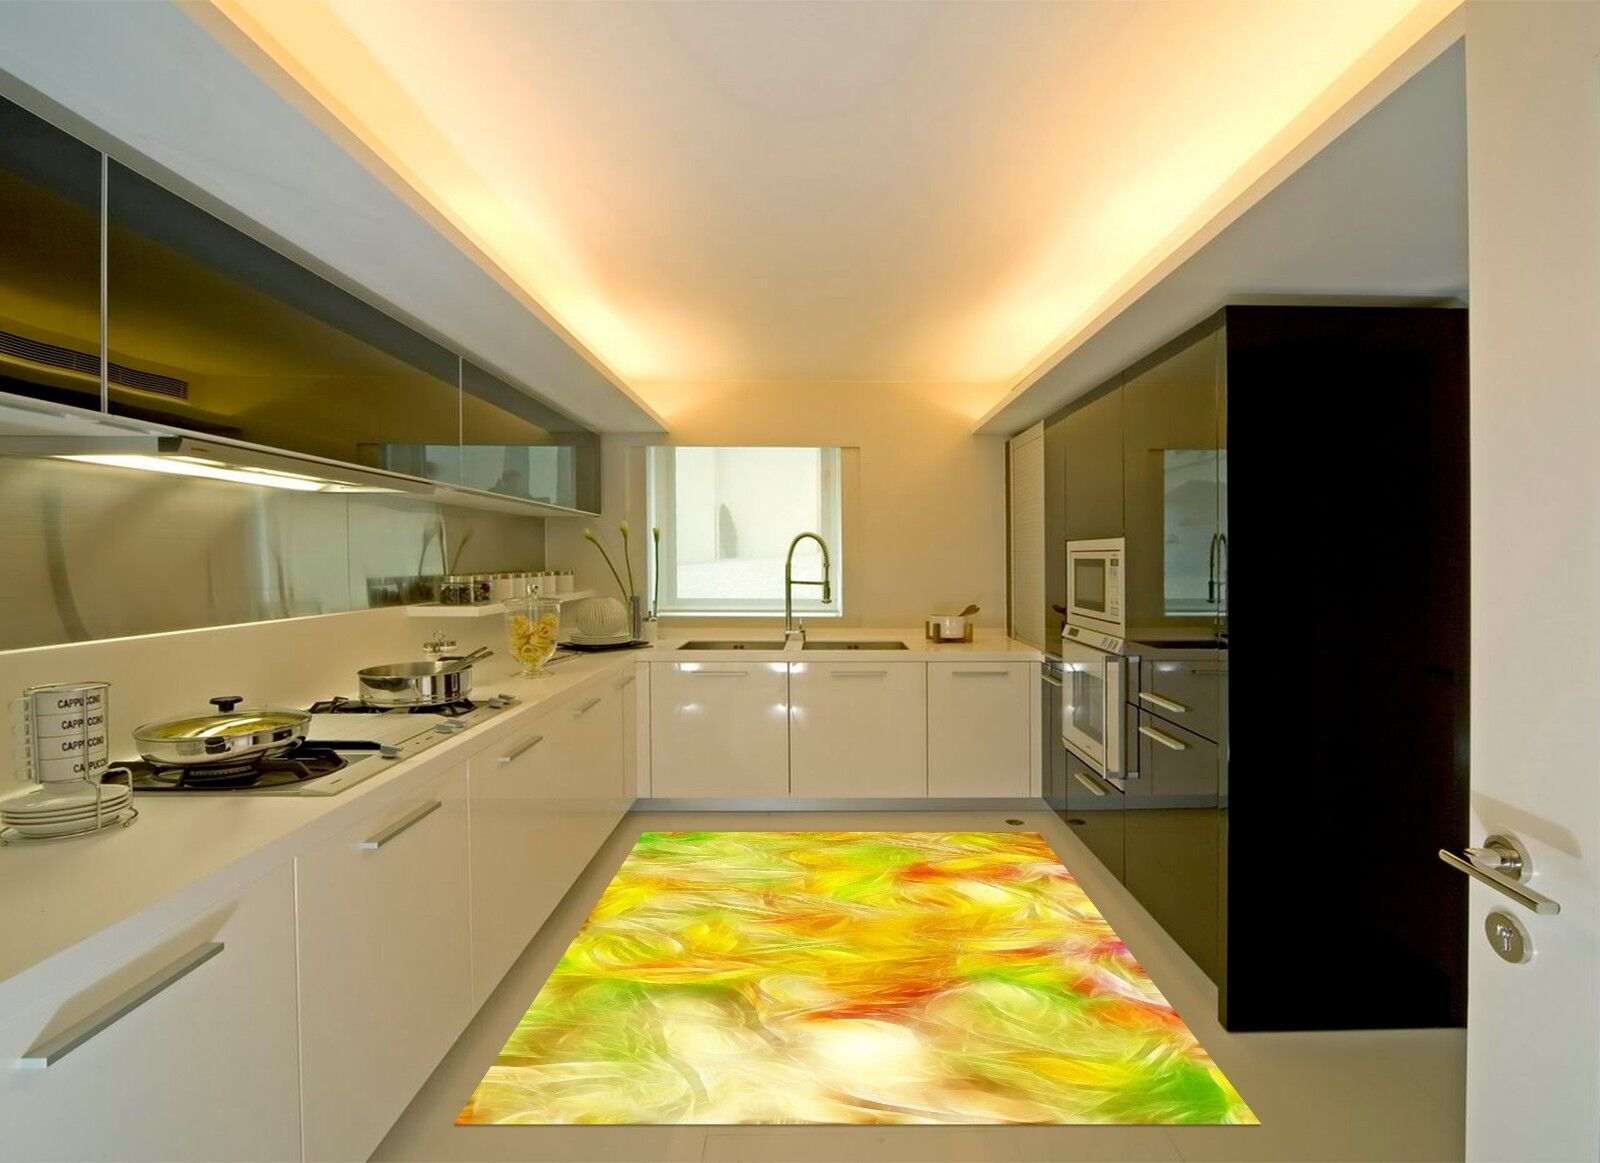 3D Showy Pattern Kitchen Mat Floor Murals Wall Print Wall Deco AJ WALLPAPER AU